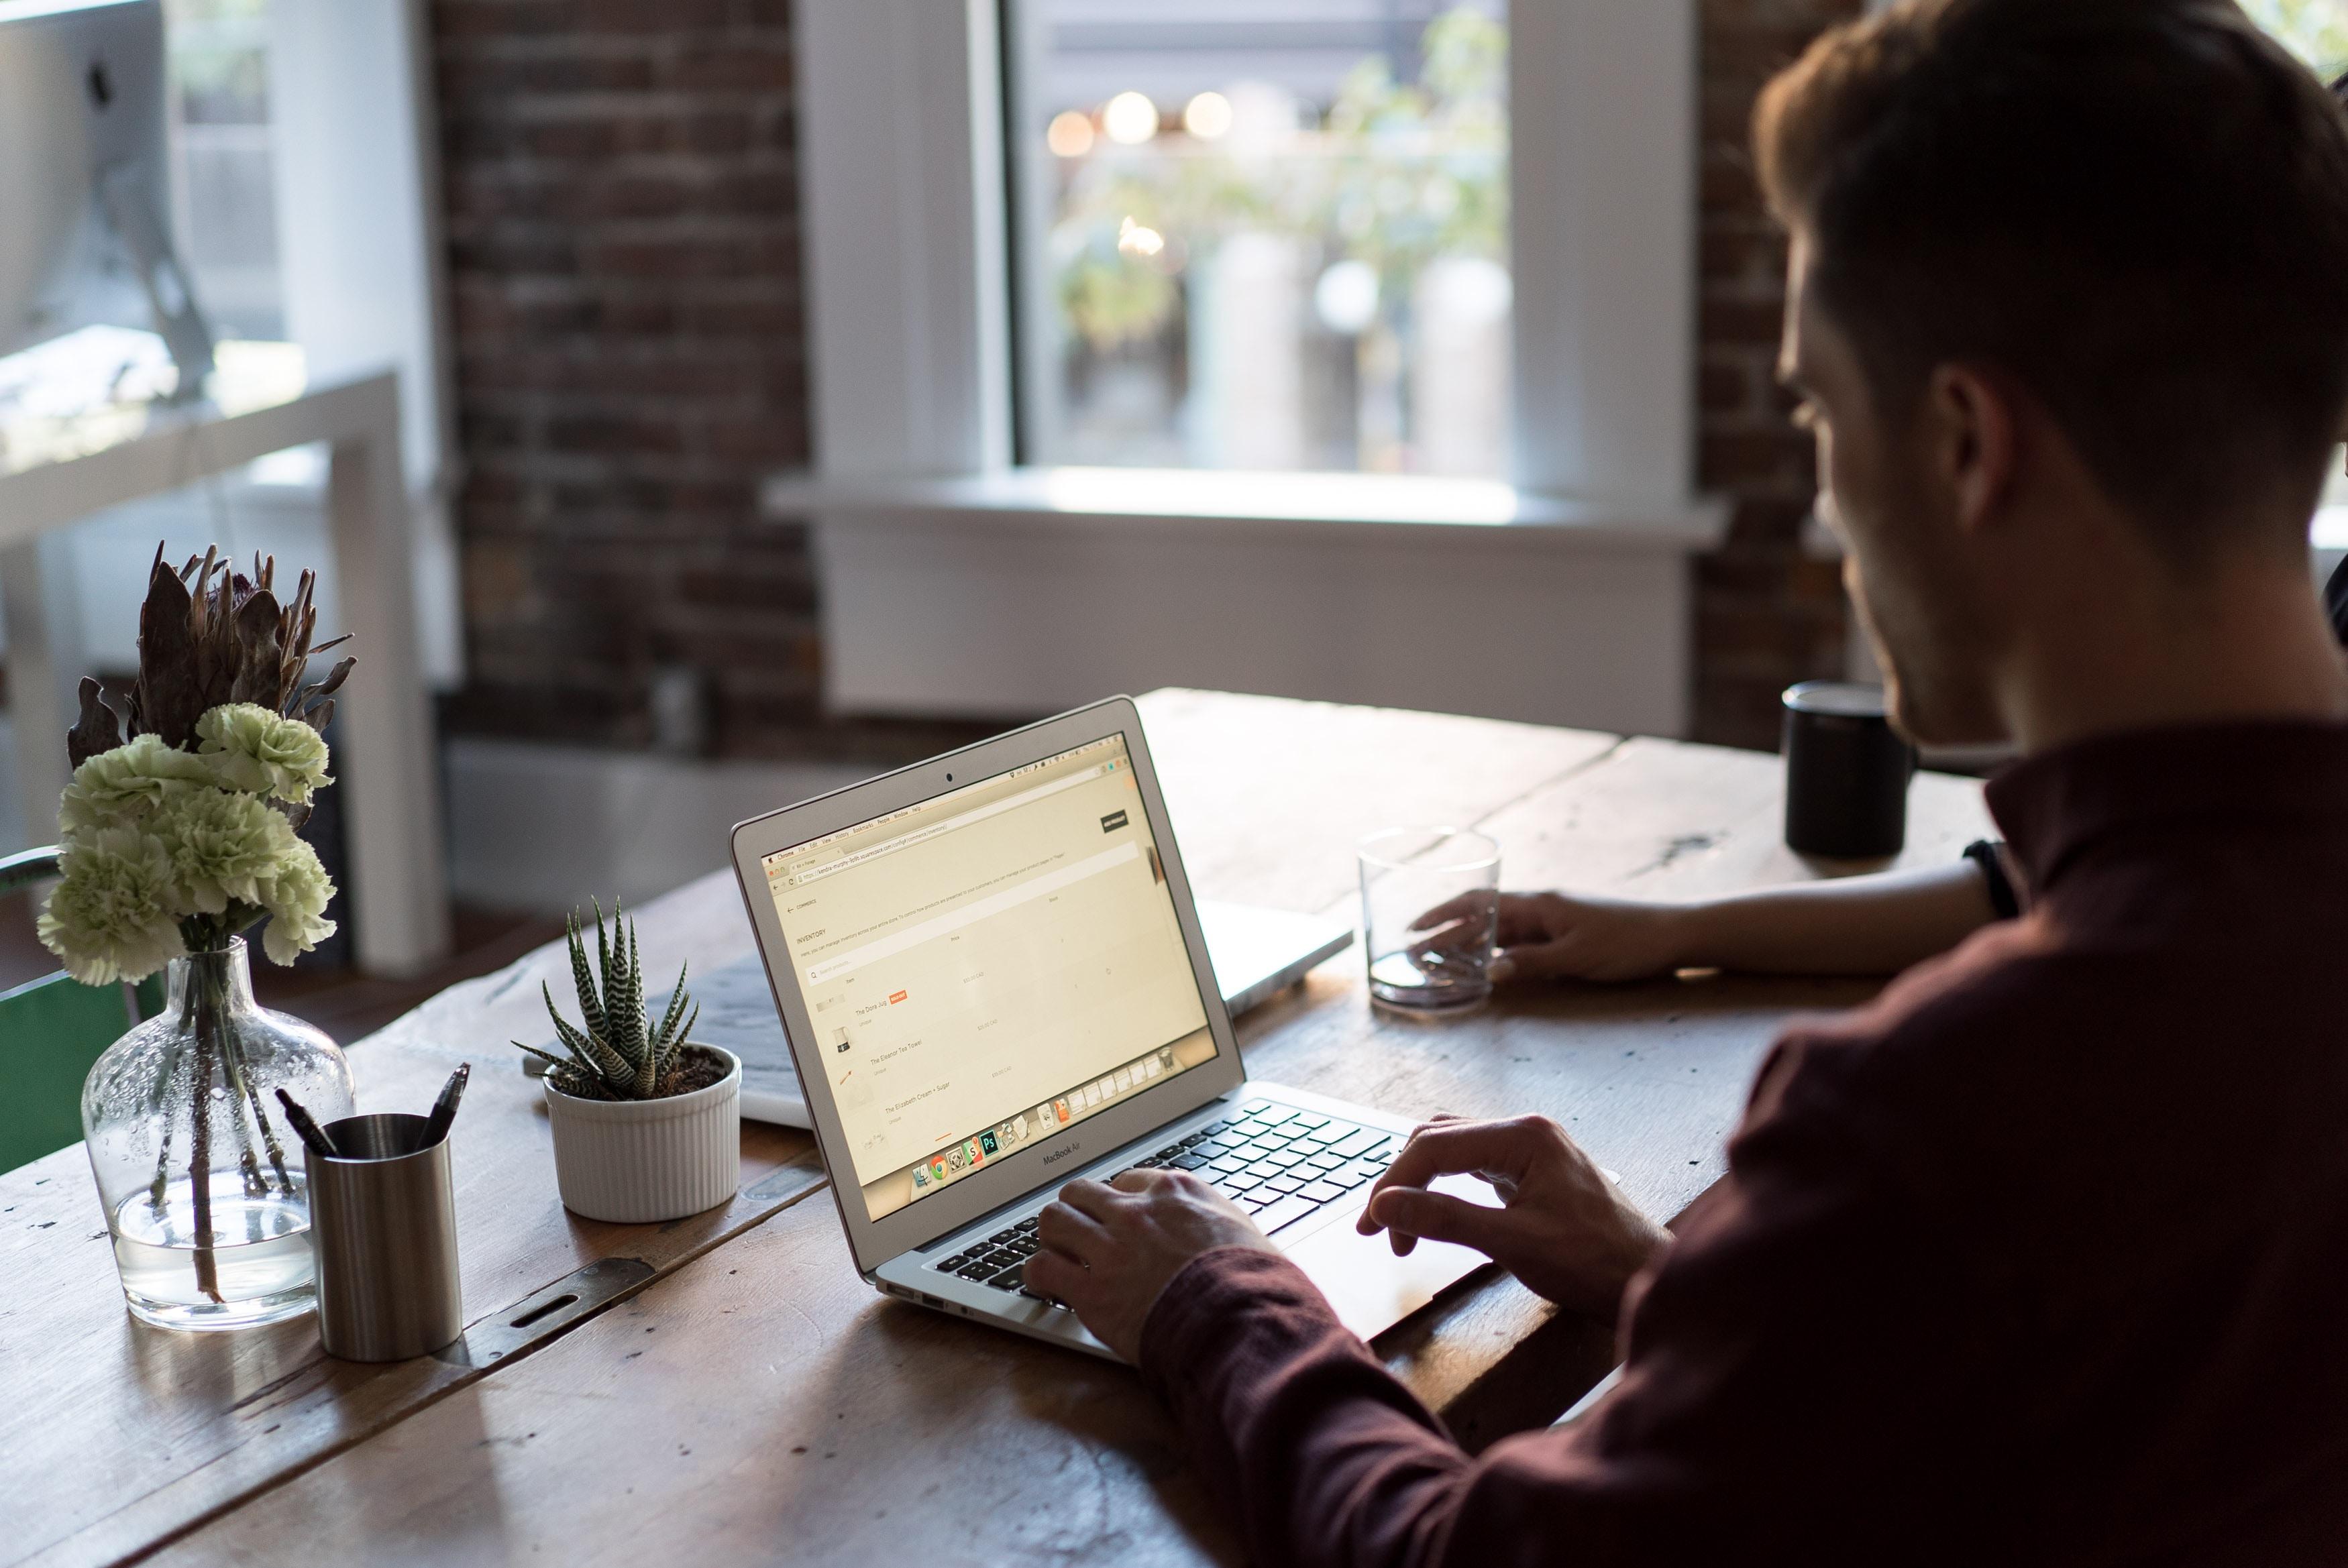 Jak zadbać o zdrowie organizmu podczas długiej pracy przy biurku? Podnóżki pod biurko rozwiązaniem problemu